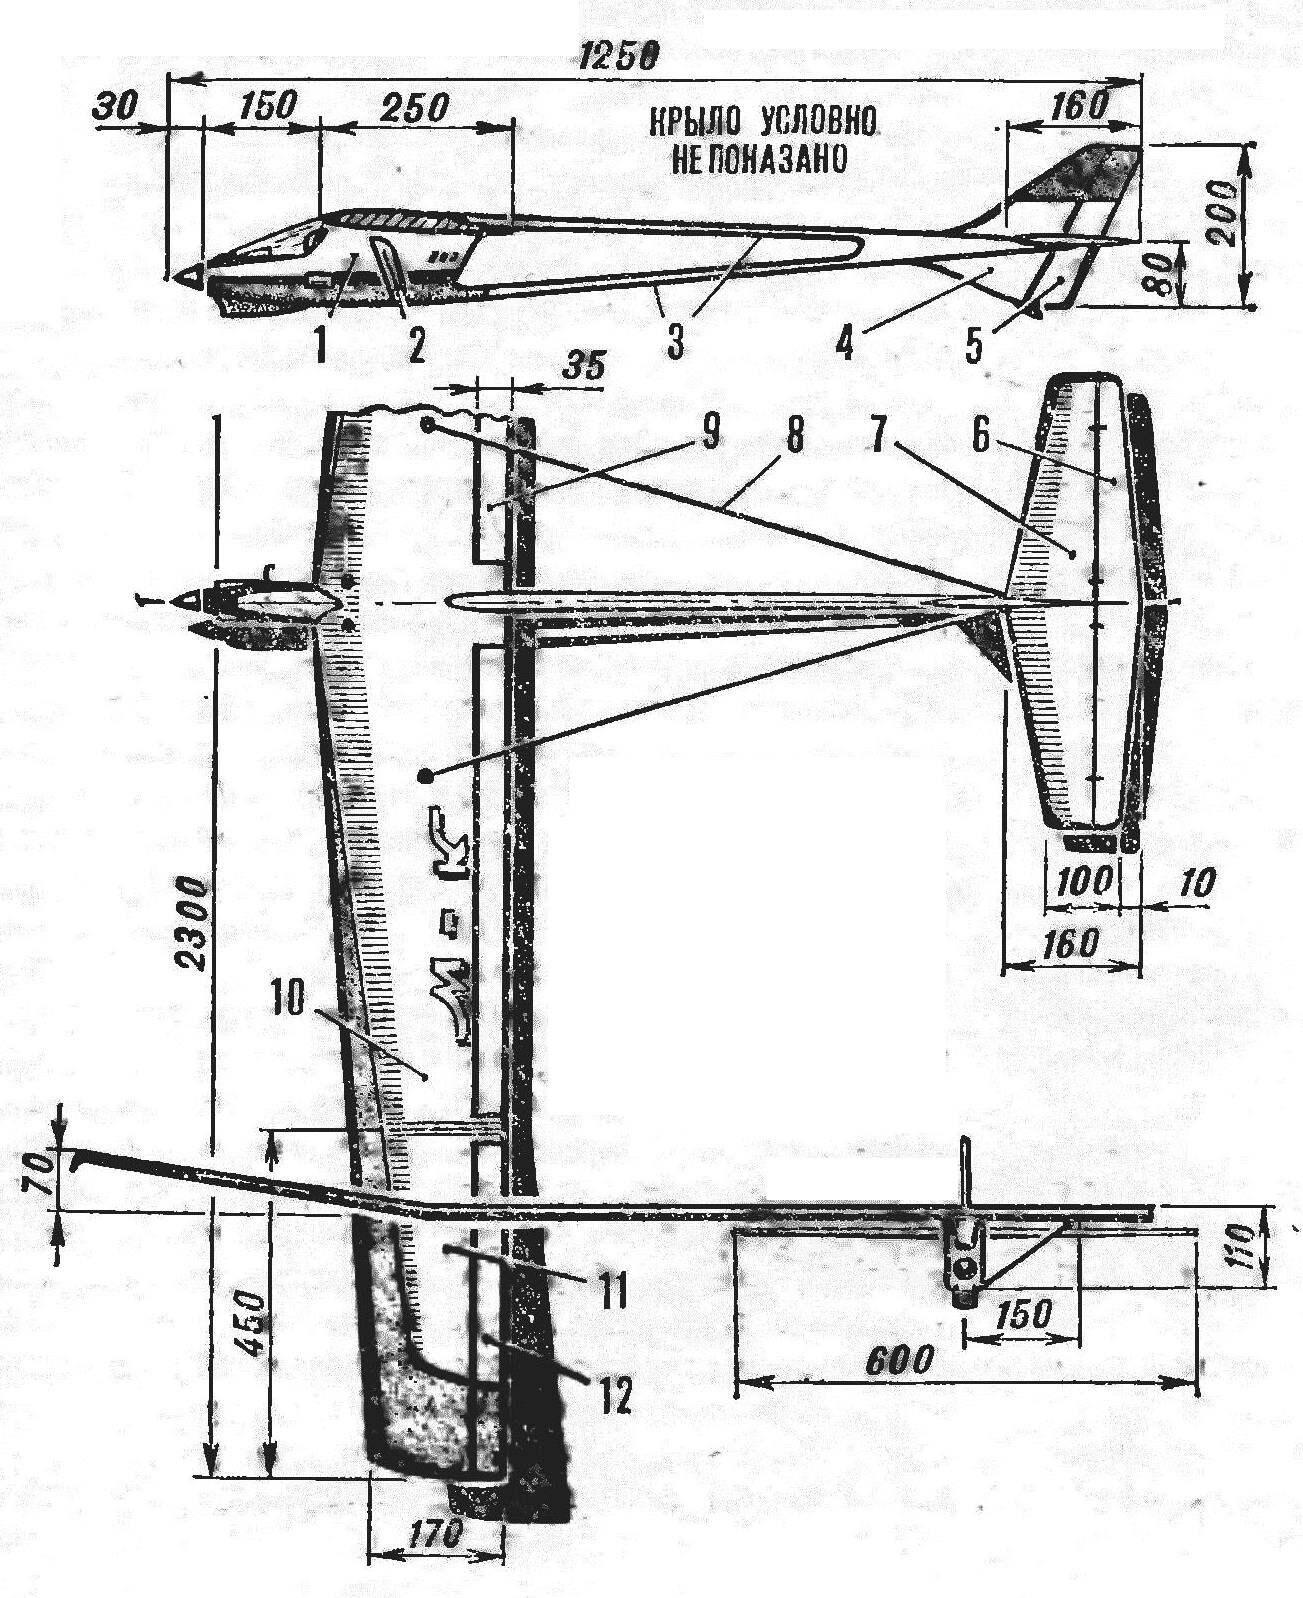 Радиоуправляемая пилотажная модель мотопланера